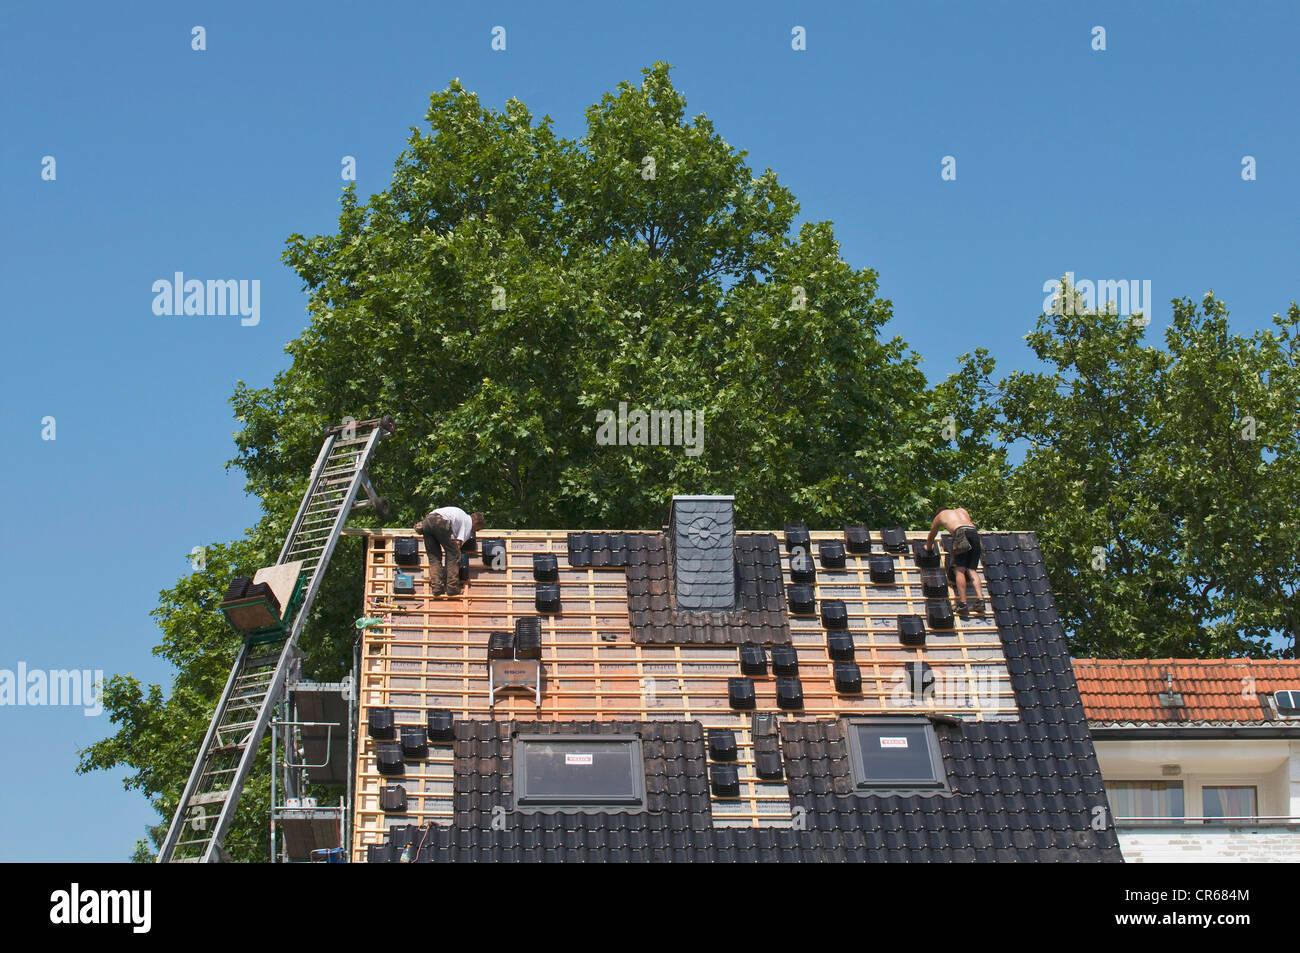 Ein Dach wird gefliest, Wohn-, Gebäudesanierungen, PublicGround Stockbild